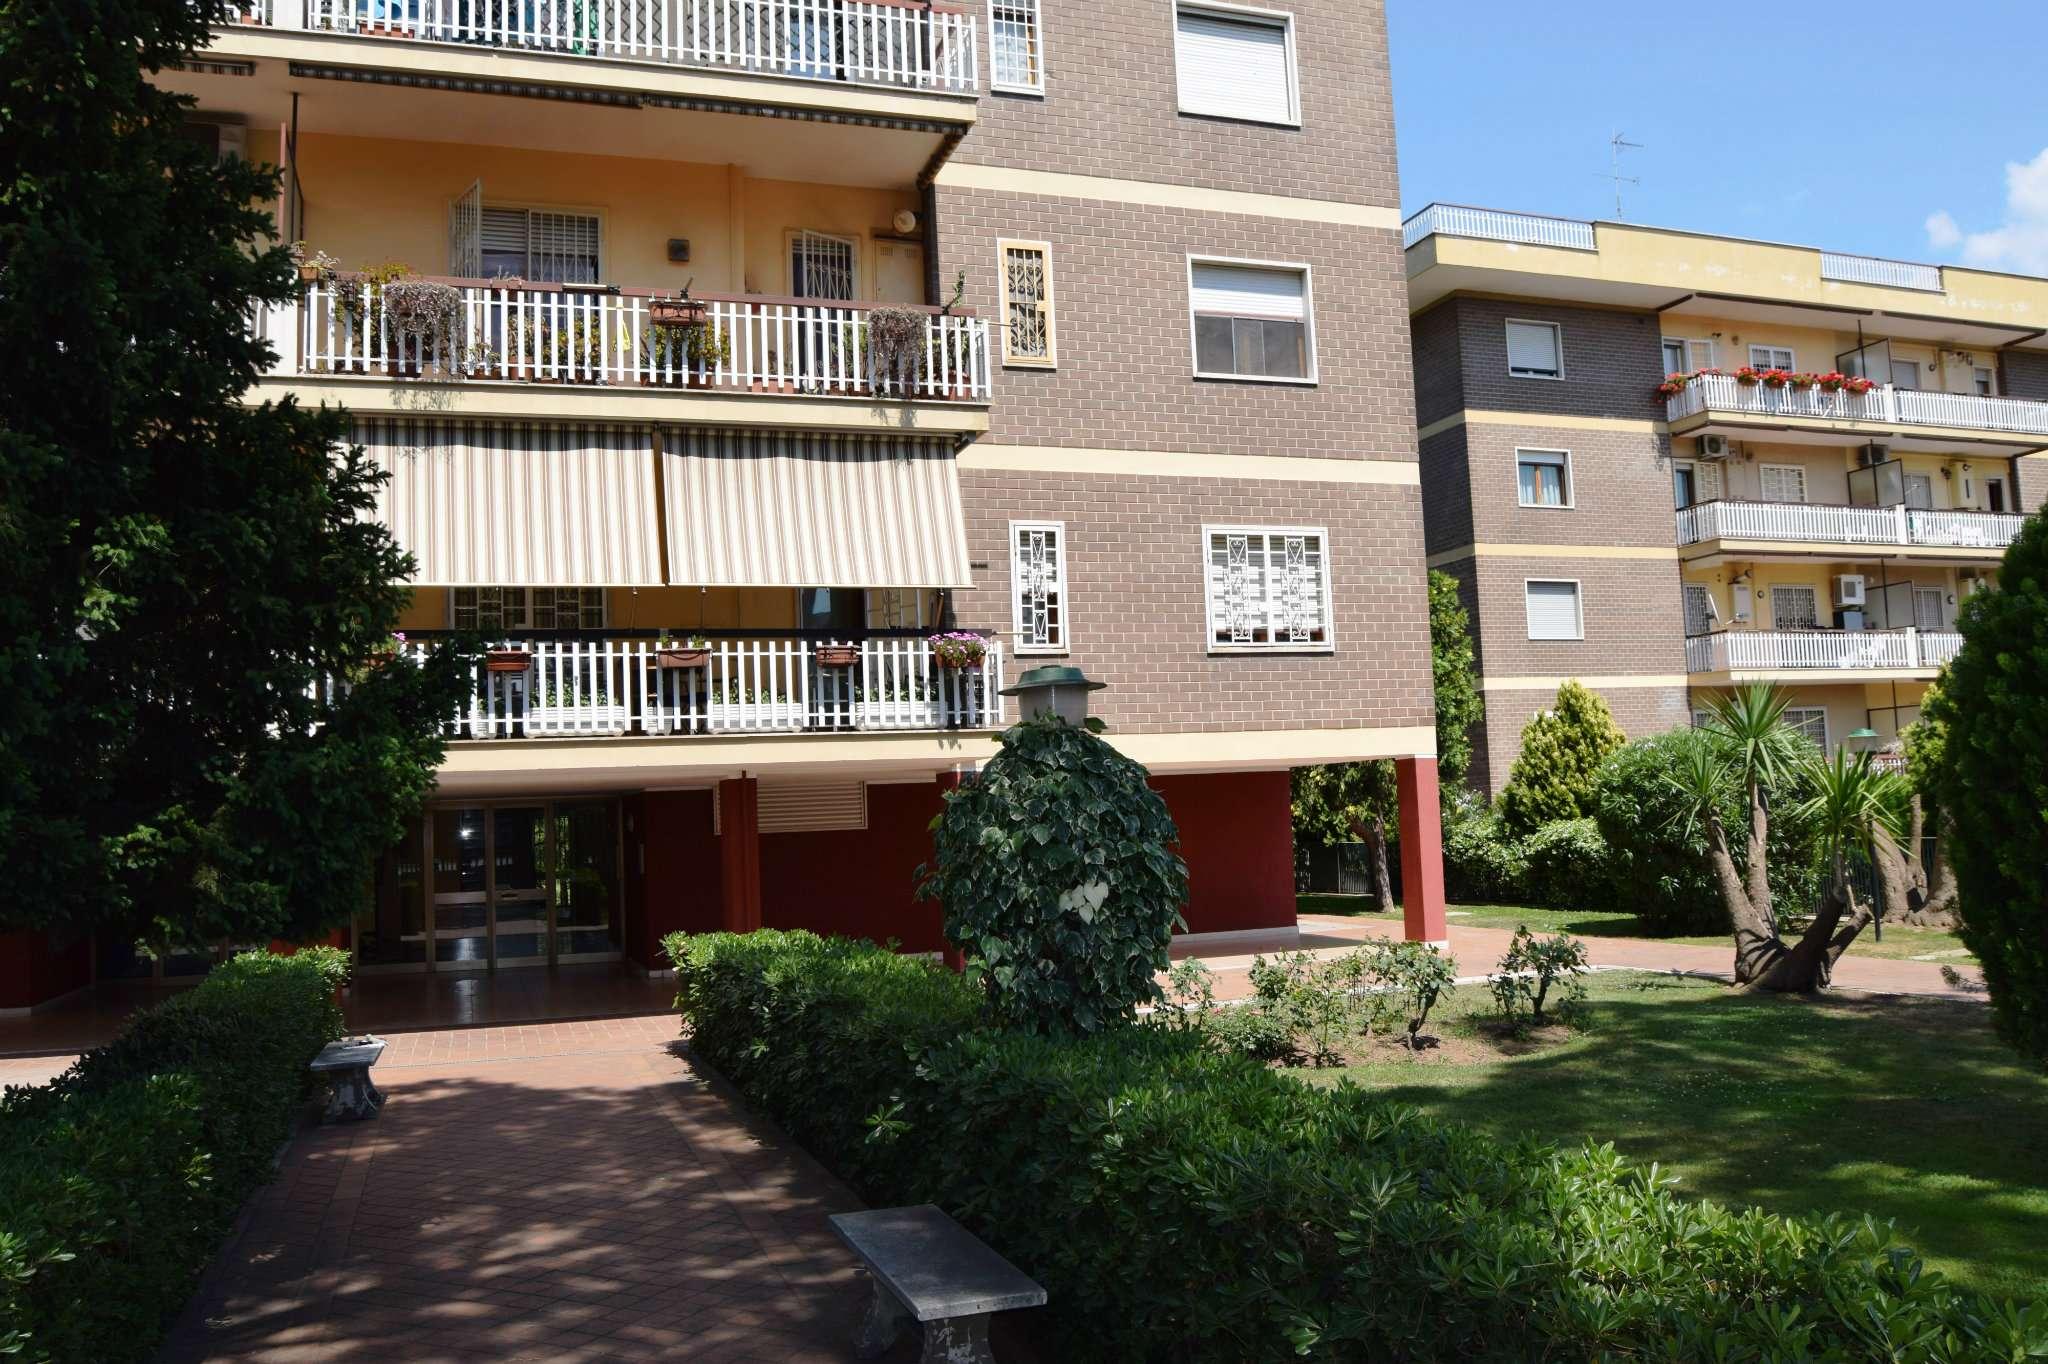 Appartamenti in affitto a roma in zona cinecitt cerca for Appartamenti in affitto arredati a roma